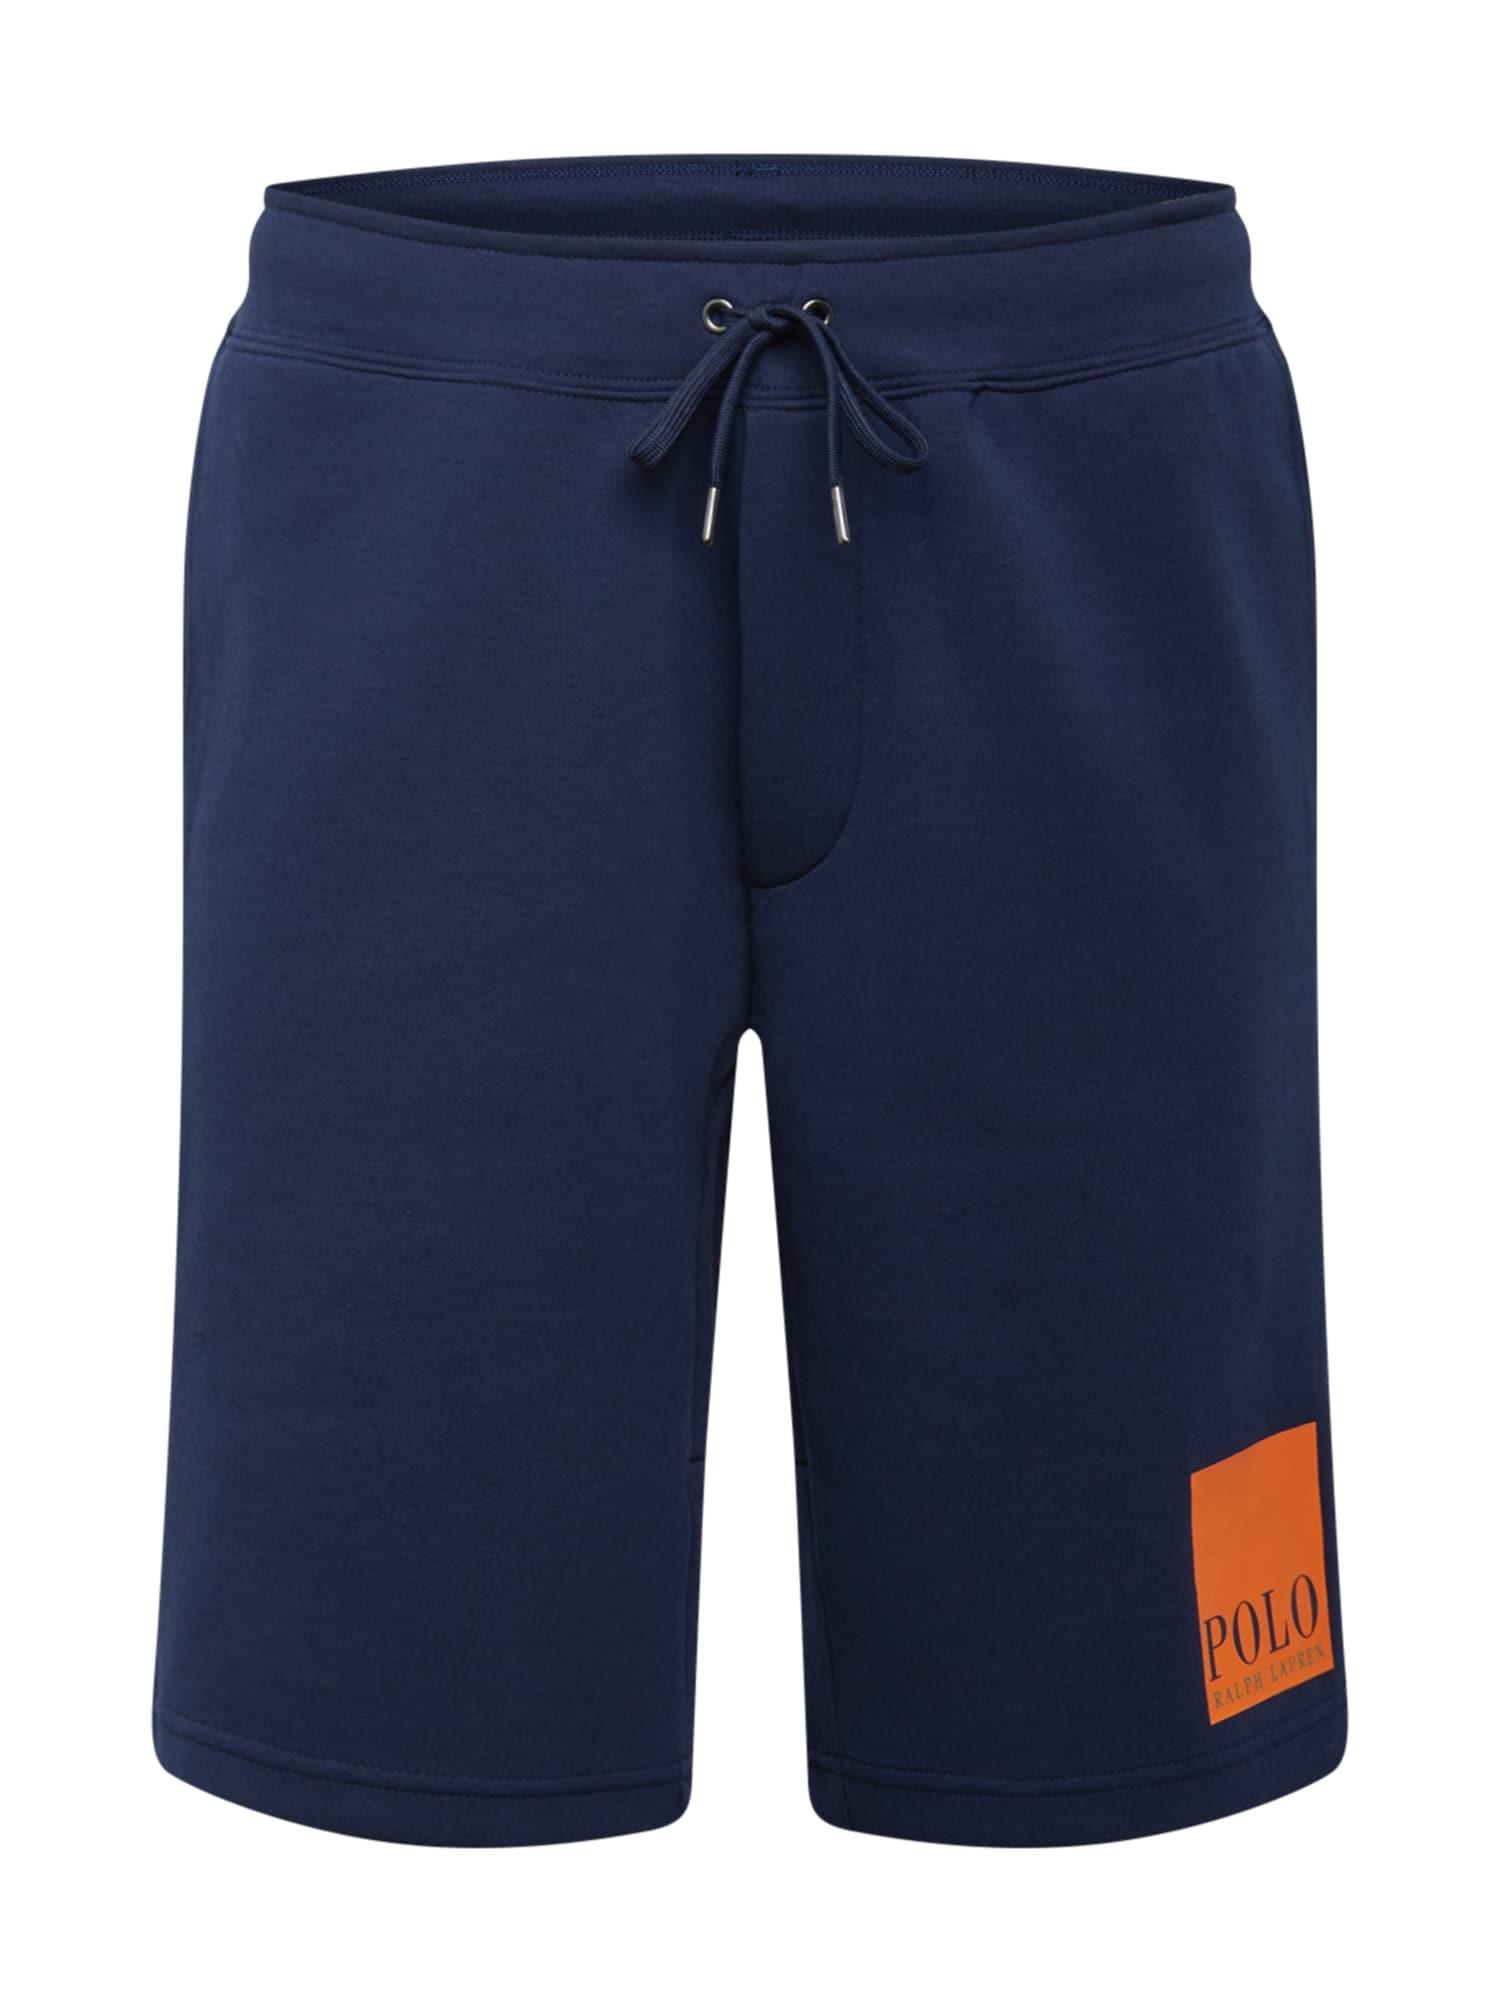 POLO RALPH LAUREN Kalhoty  námořnická modř / tmavě oranžová